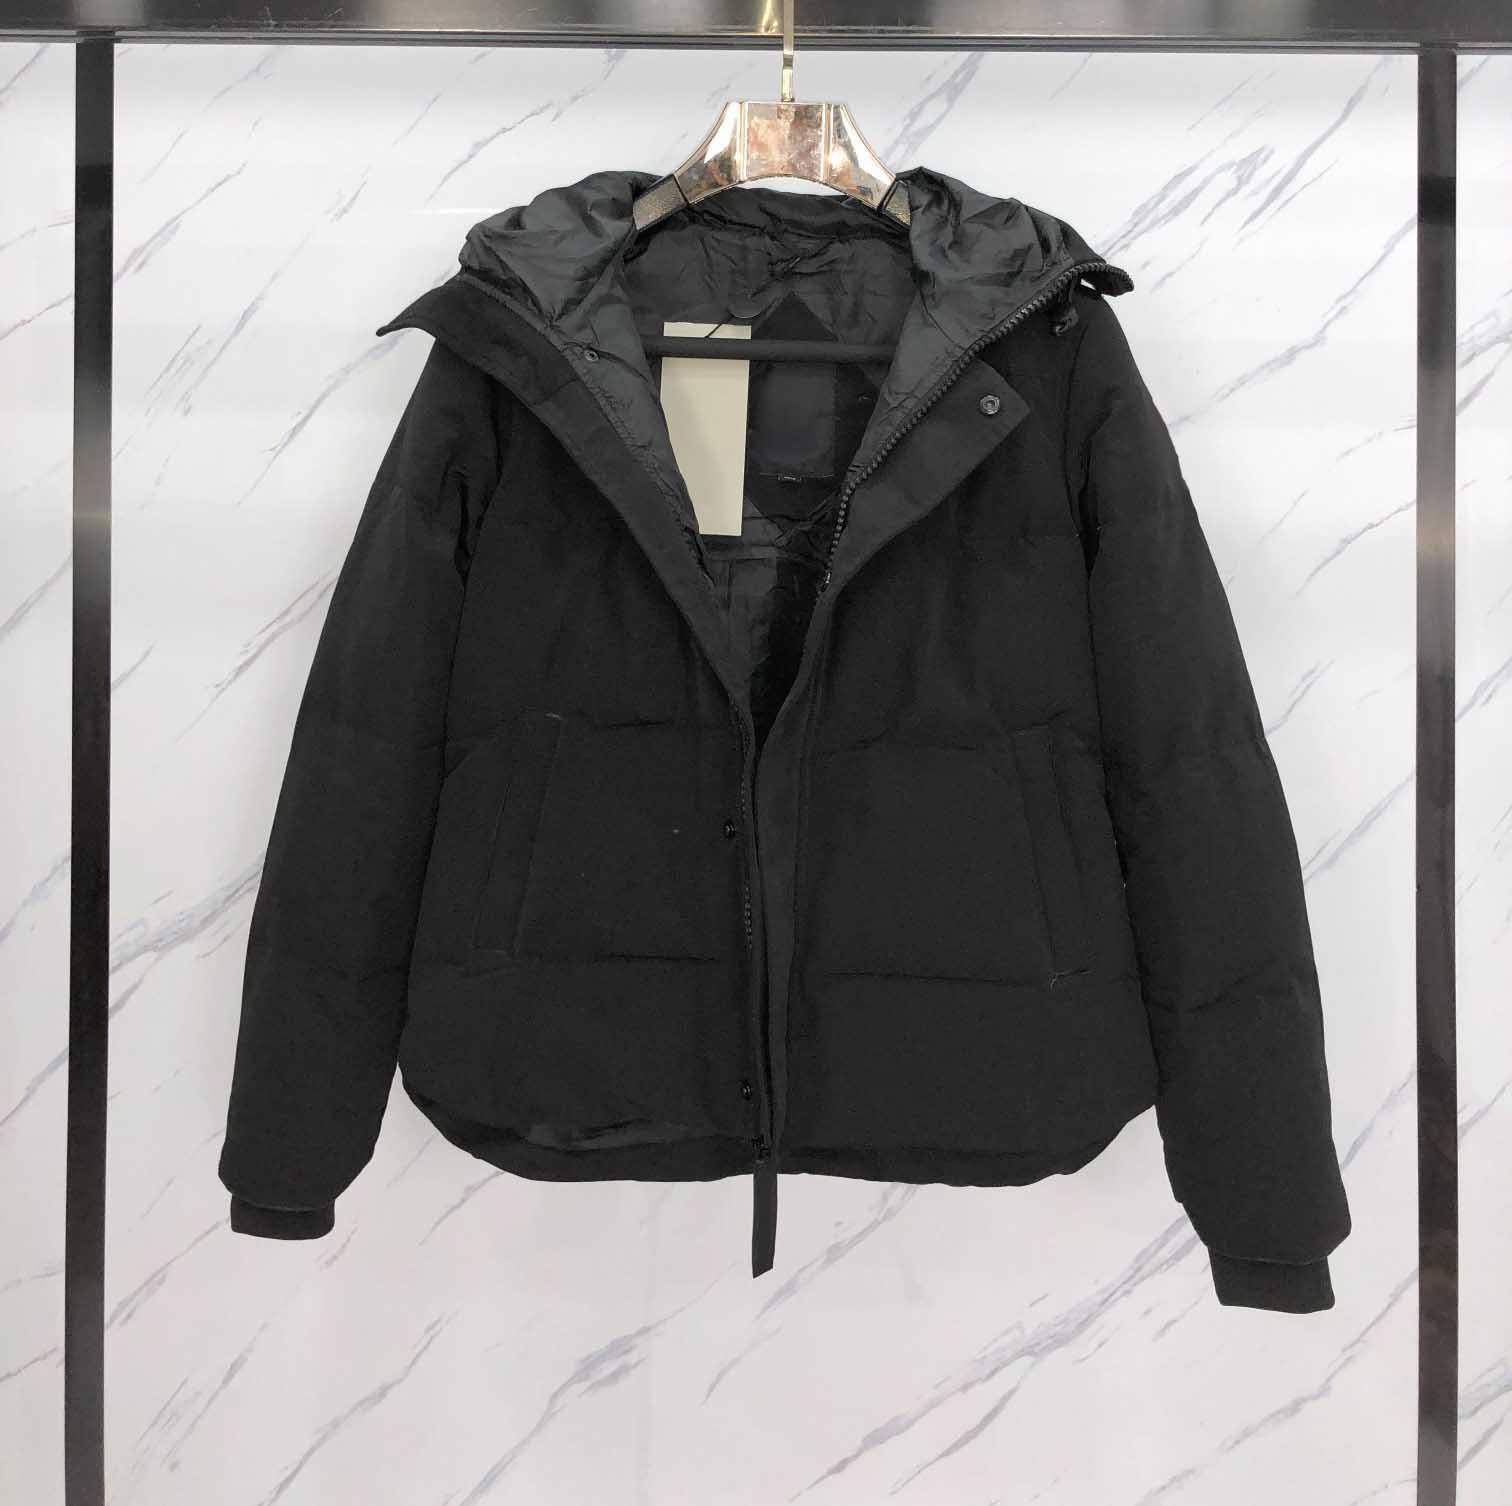 Женская зимняя вниз пальто классическая верхняя одежда толщиной мода два стиля меховой воротник письма шаблон мужчины парки теплые топы женщины унисекс